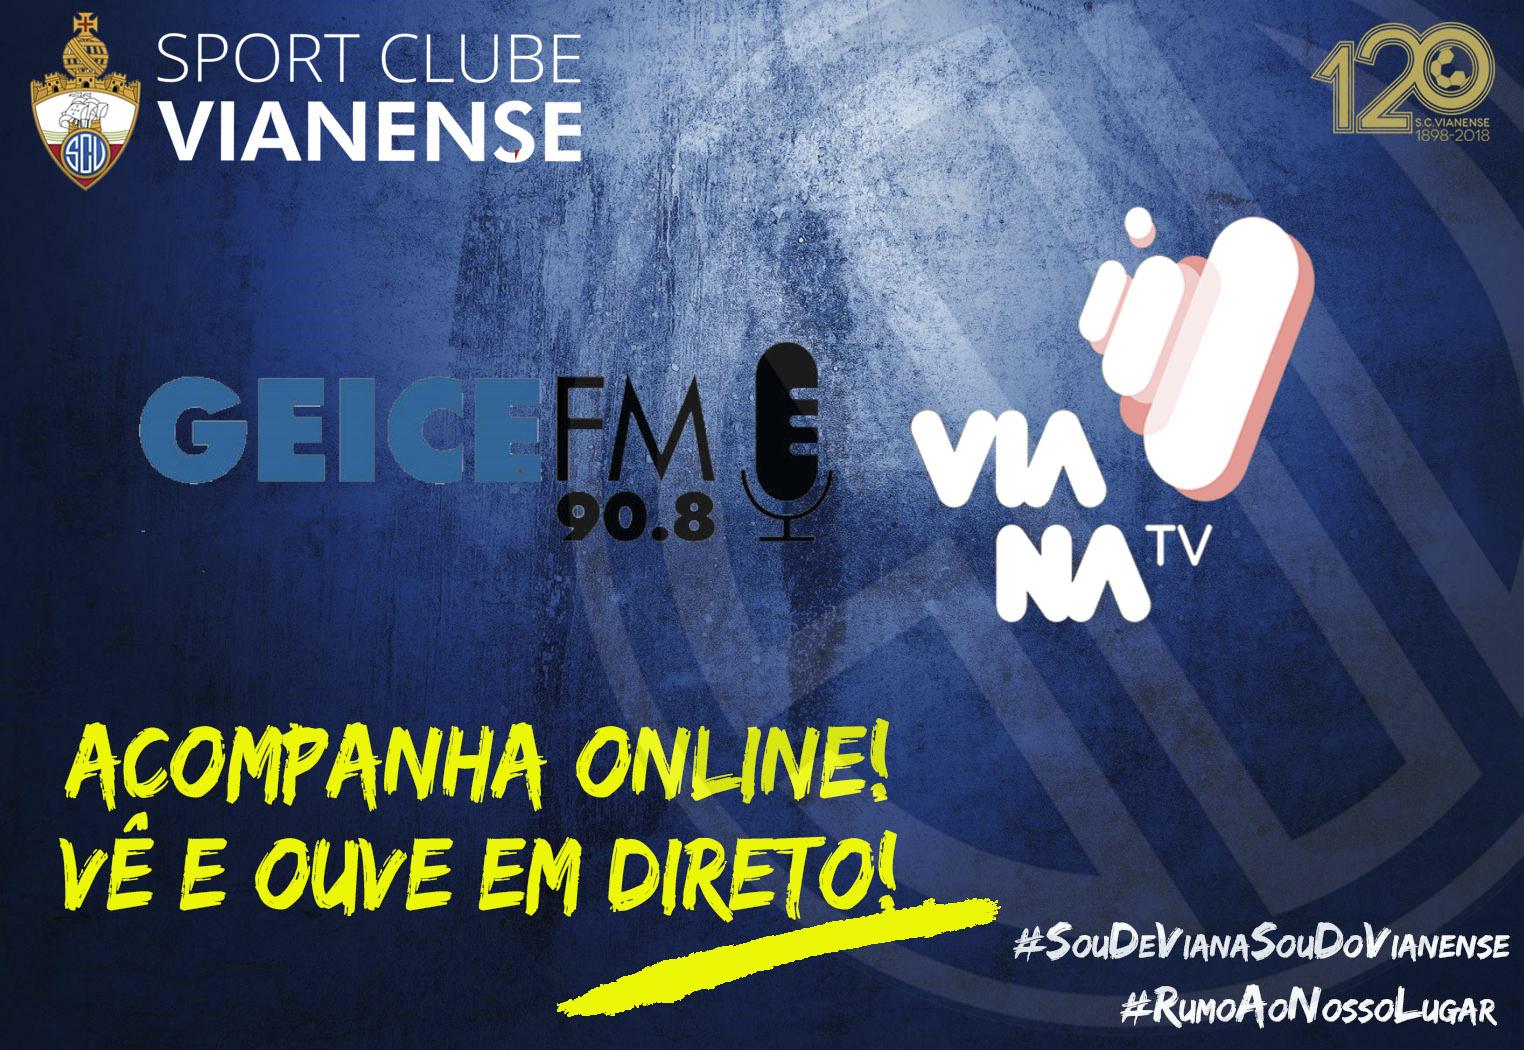 Jogos do SC Vianense com transmissão video em direto!